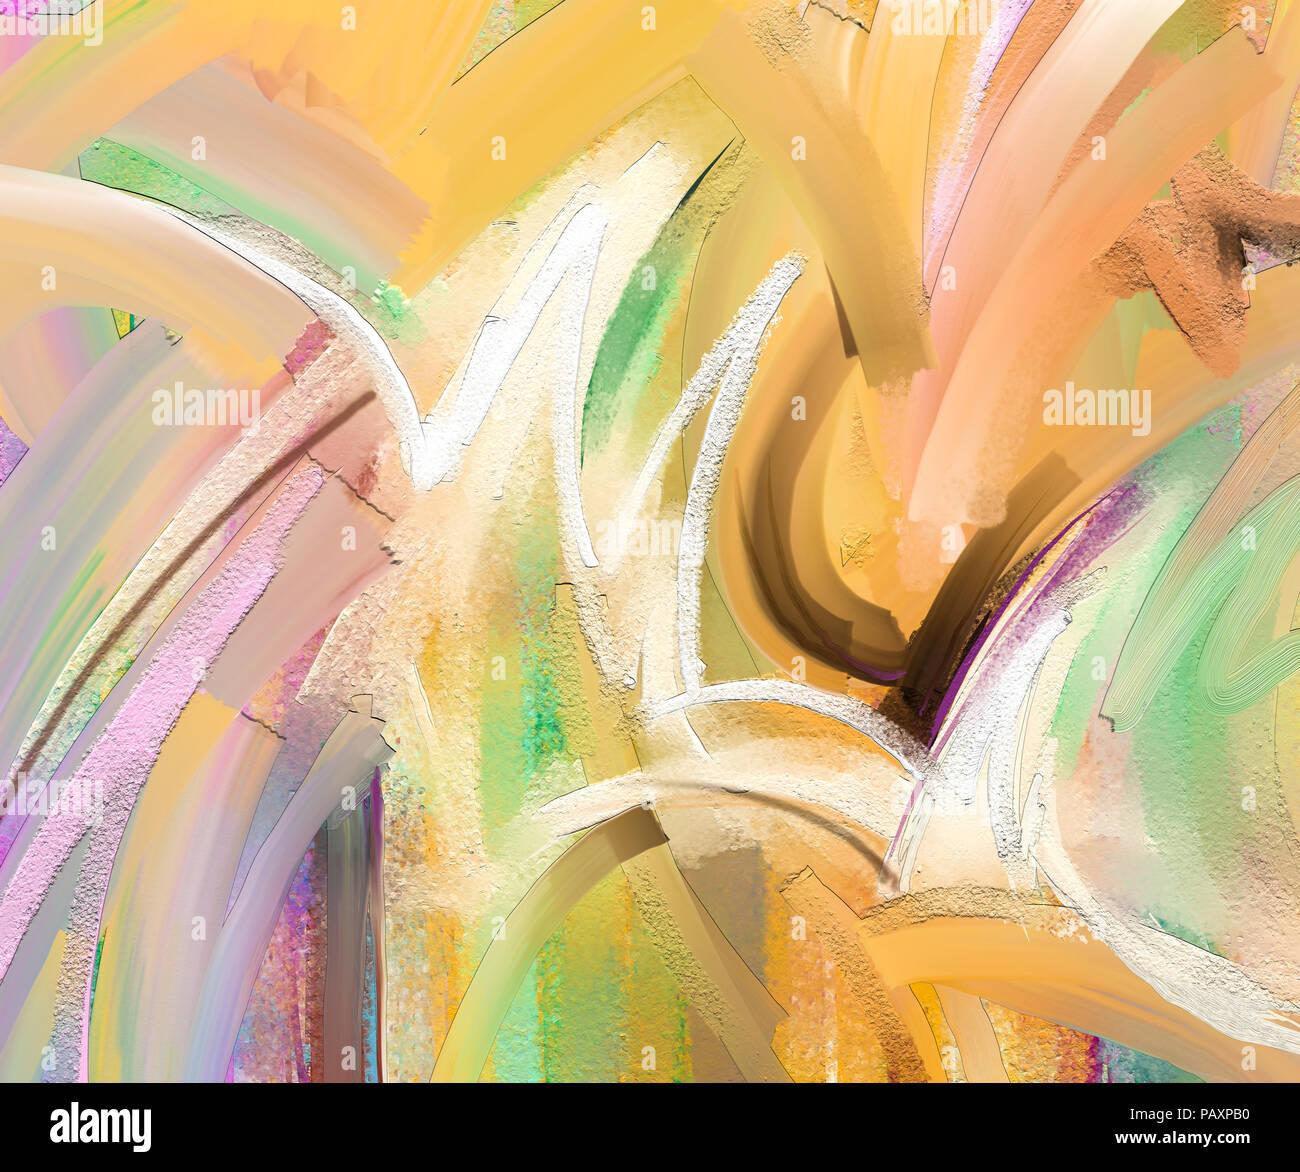 Abstract colorato la pittura ad olio su tela la texture. Disegnata a mano pennello, olio dipinti del colore dello sfondo. Arte moderna dipinti ad olio Immagini Stock